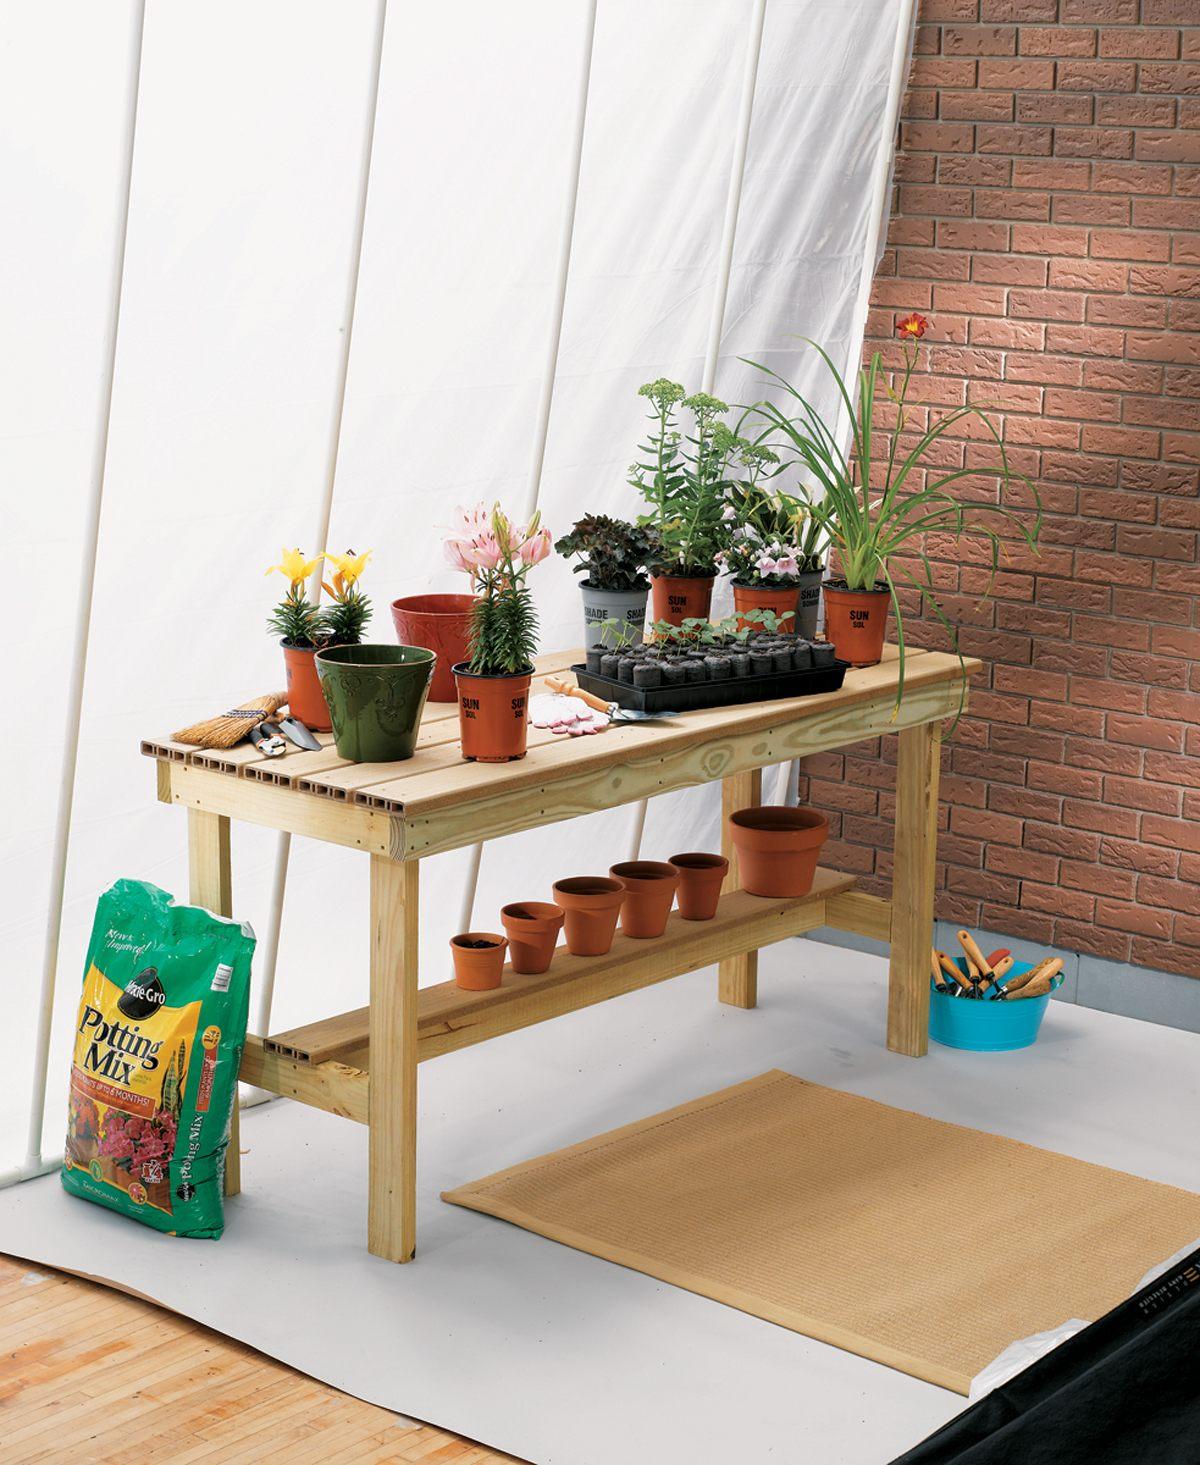 11 DIY Potting Bench Ideas To Make Gardening Work Easier